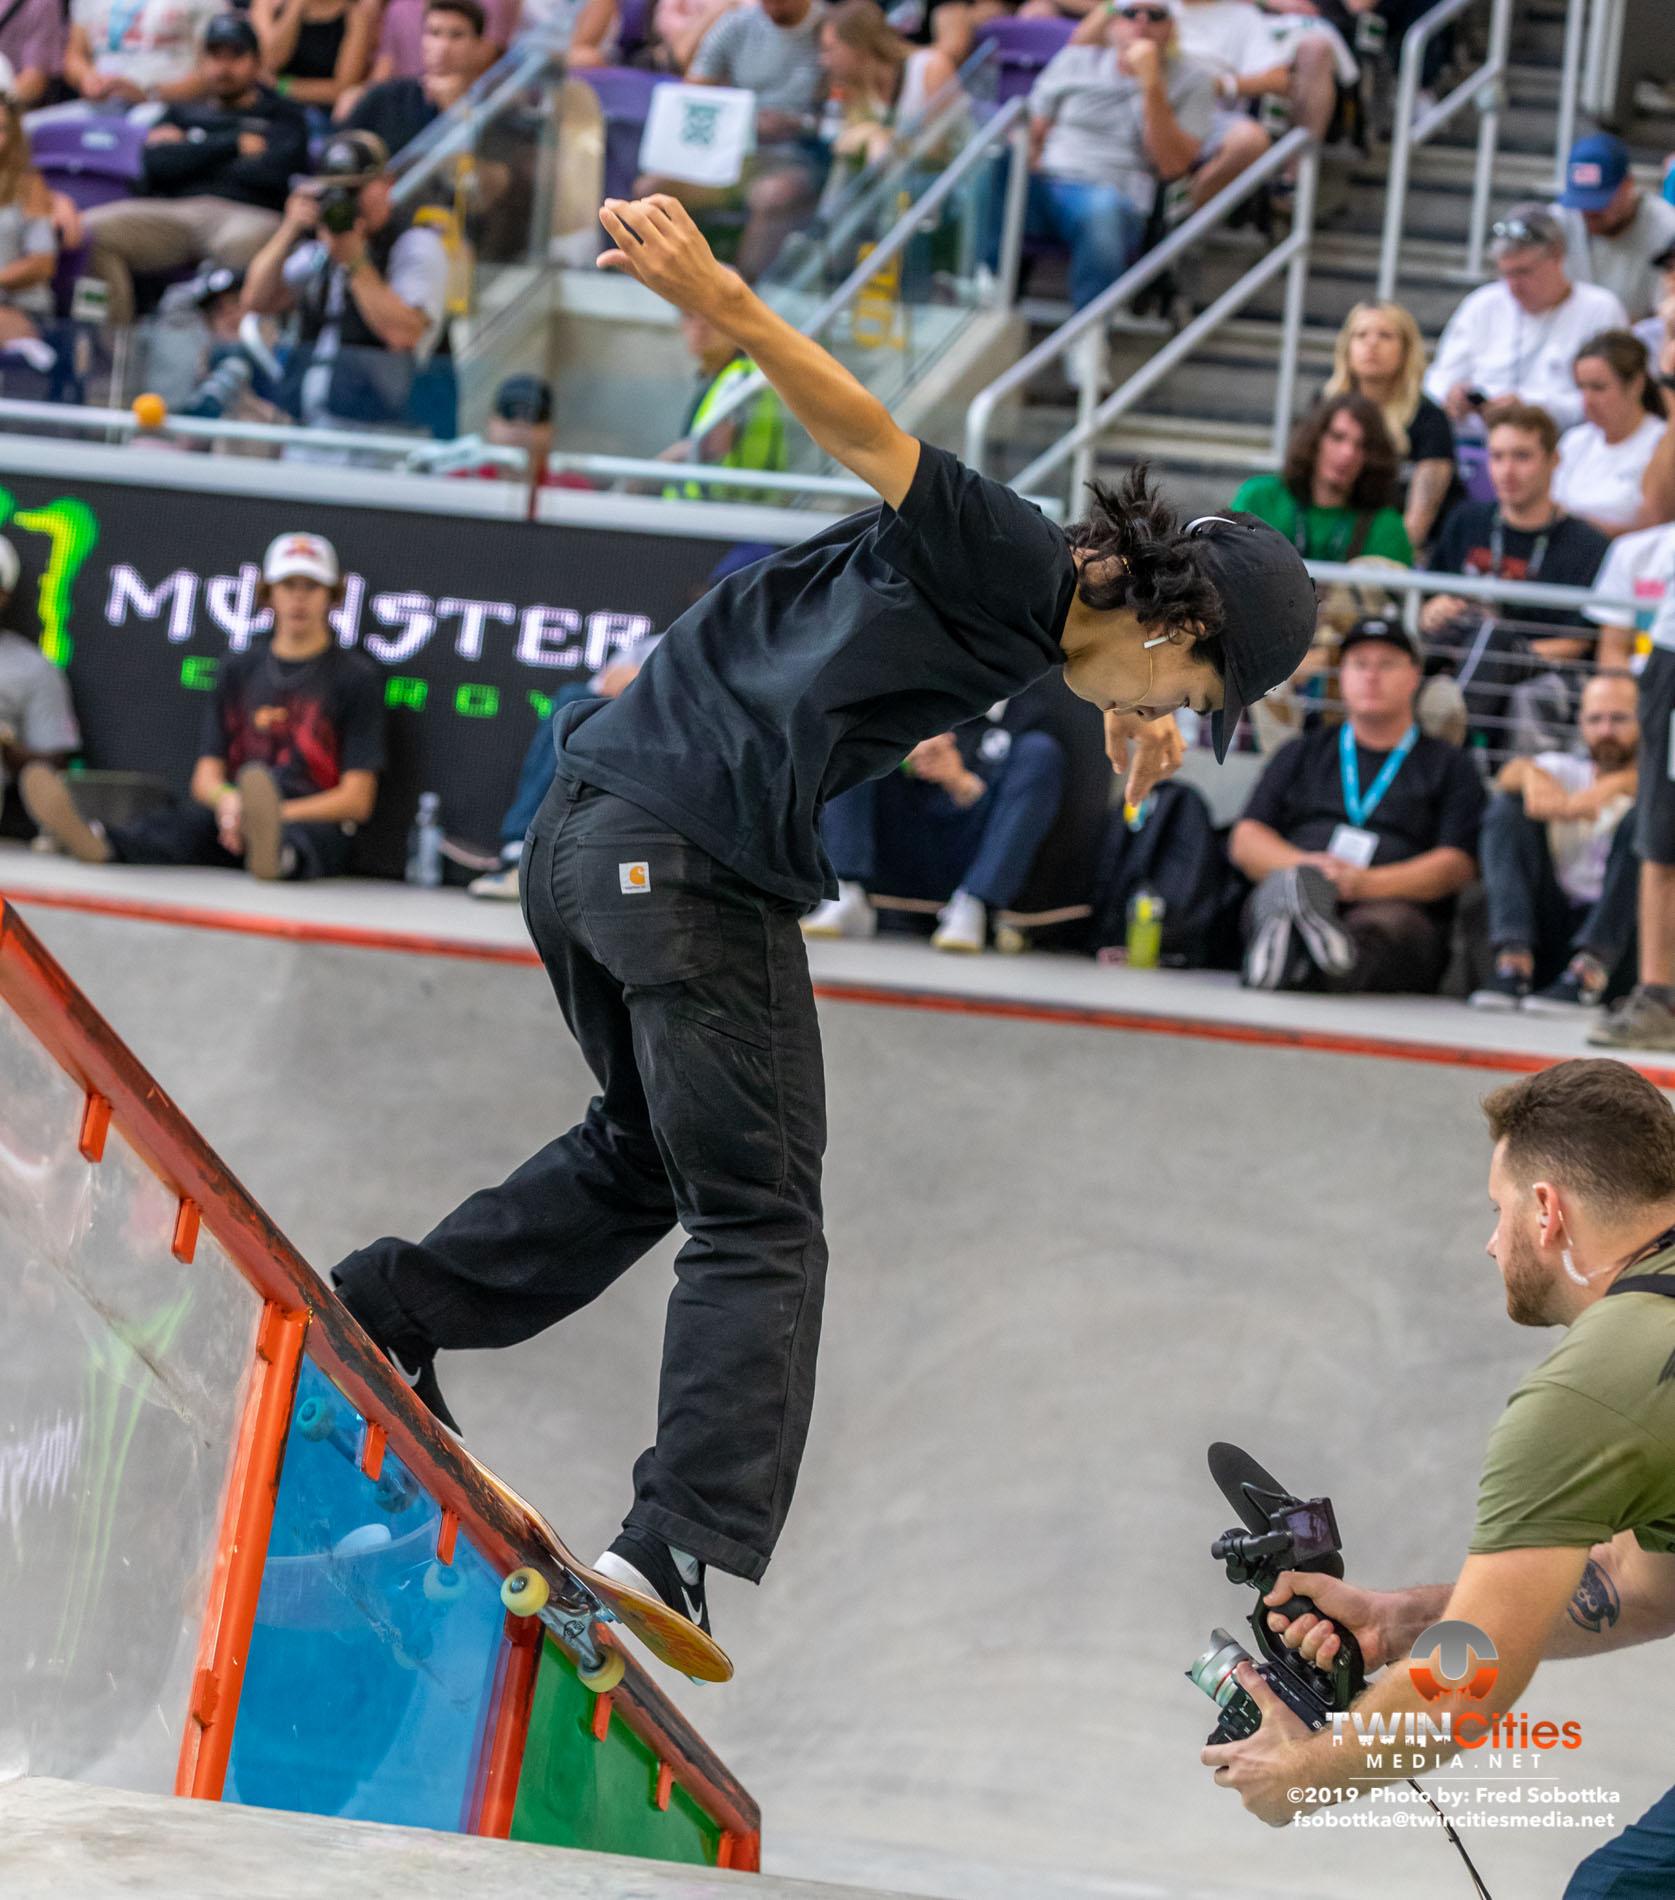 Monster-Energy-Mens-Skateboard-Street-14